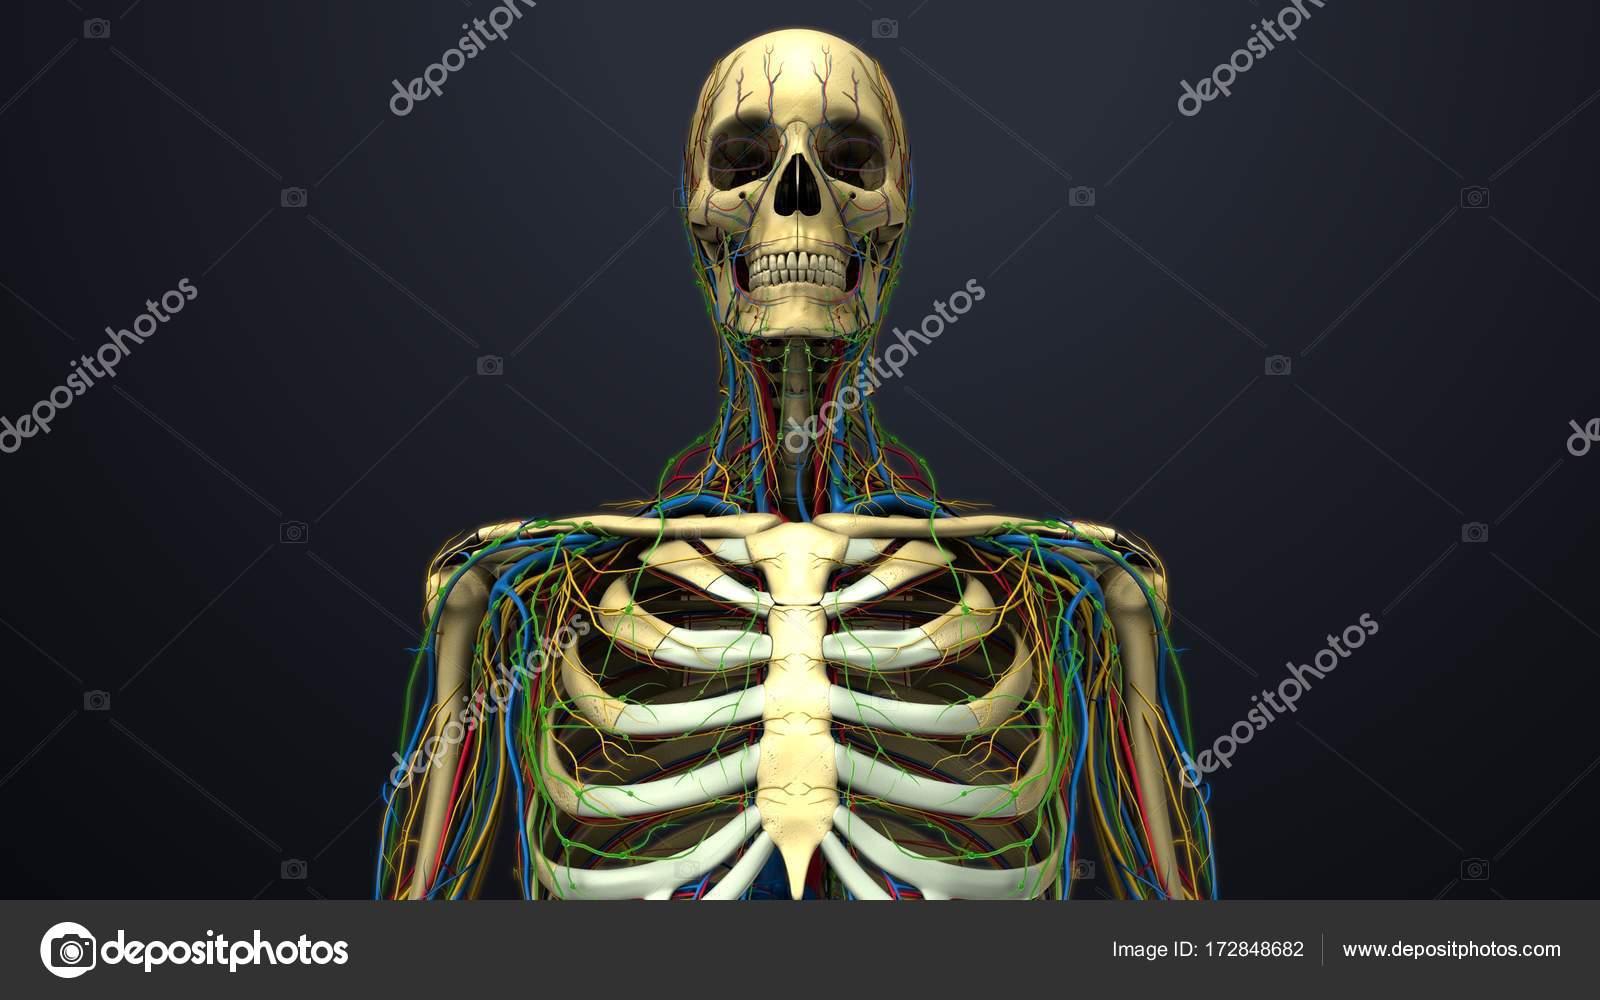 menschliche Anatomie mit Skelett — Stockfoto © sciencepics #172848682